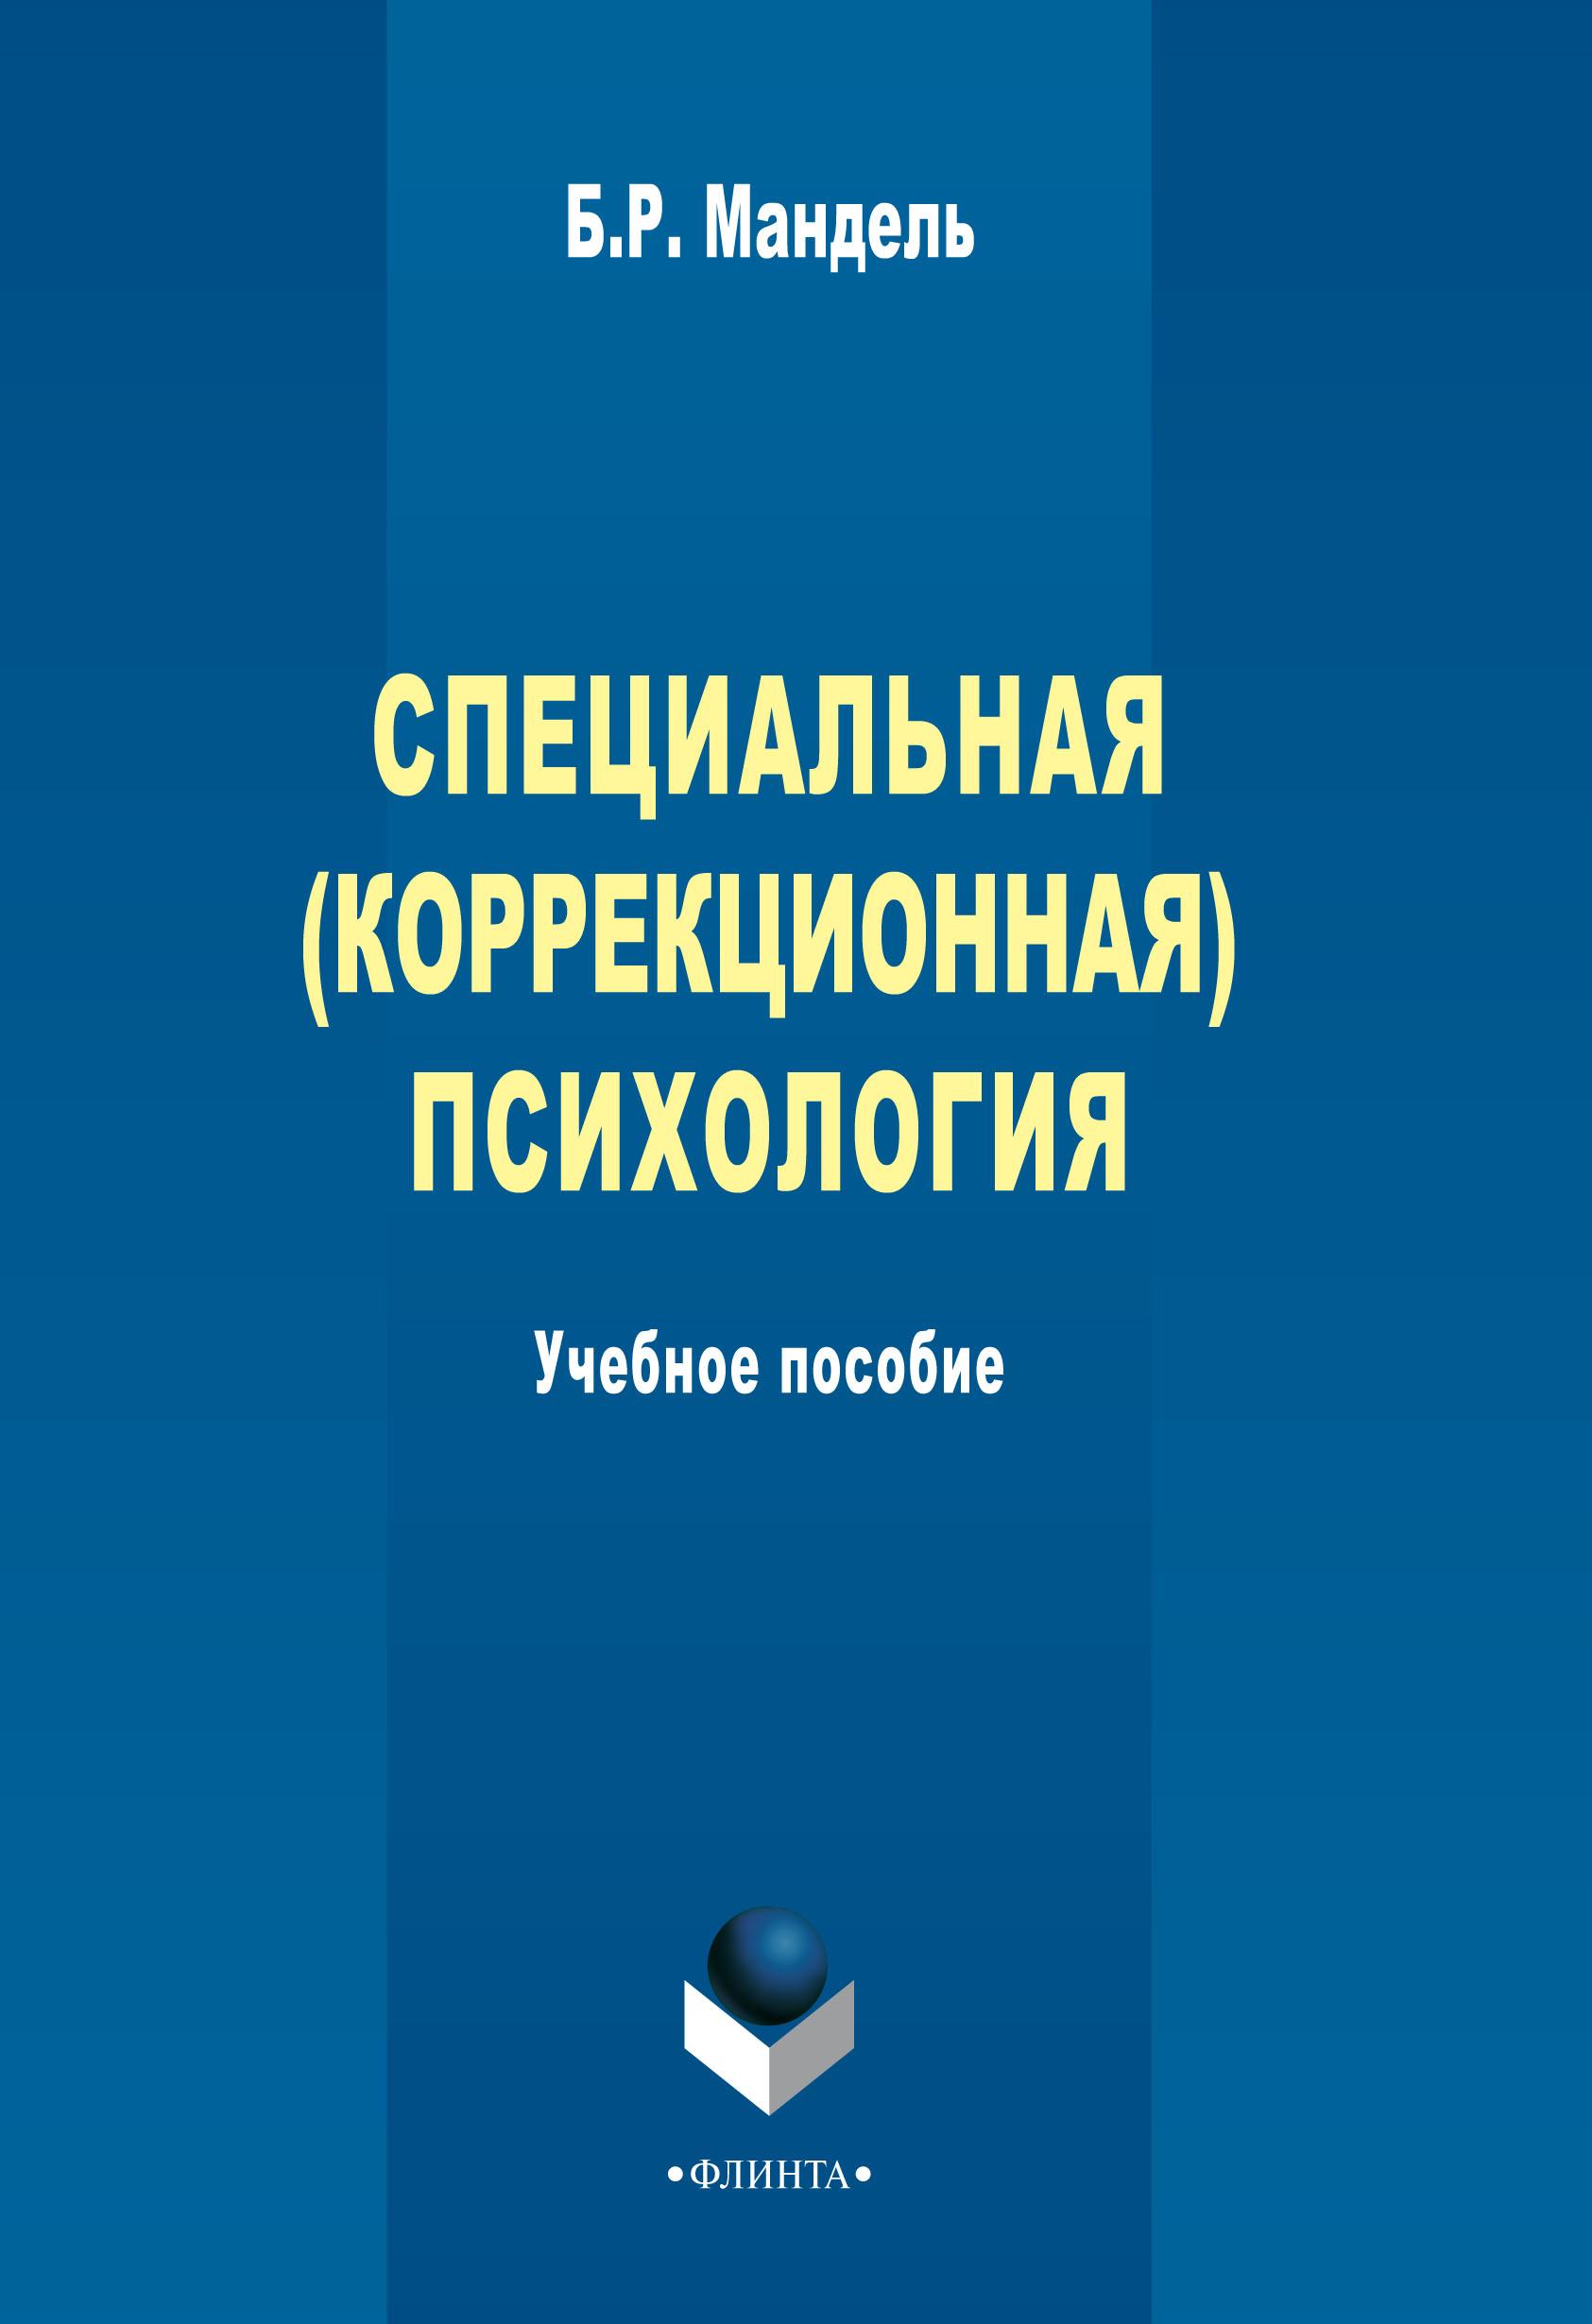 Б. Р. Мандель Специальная (коррекционная) психология. Учебное пособие